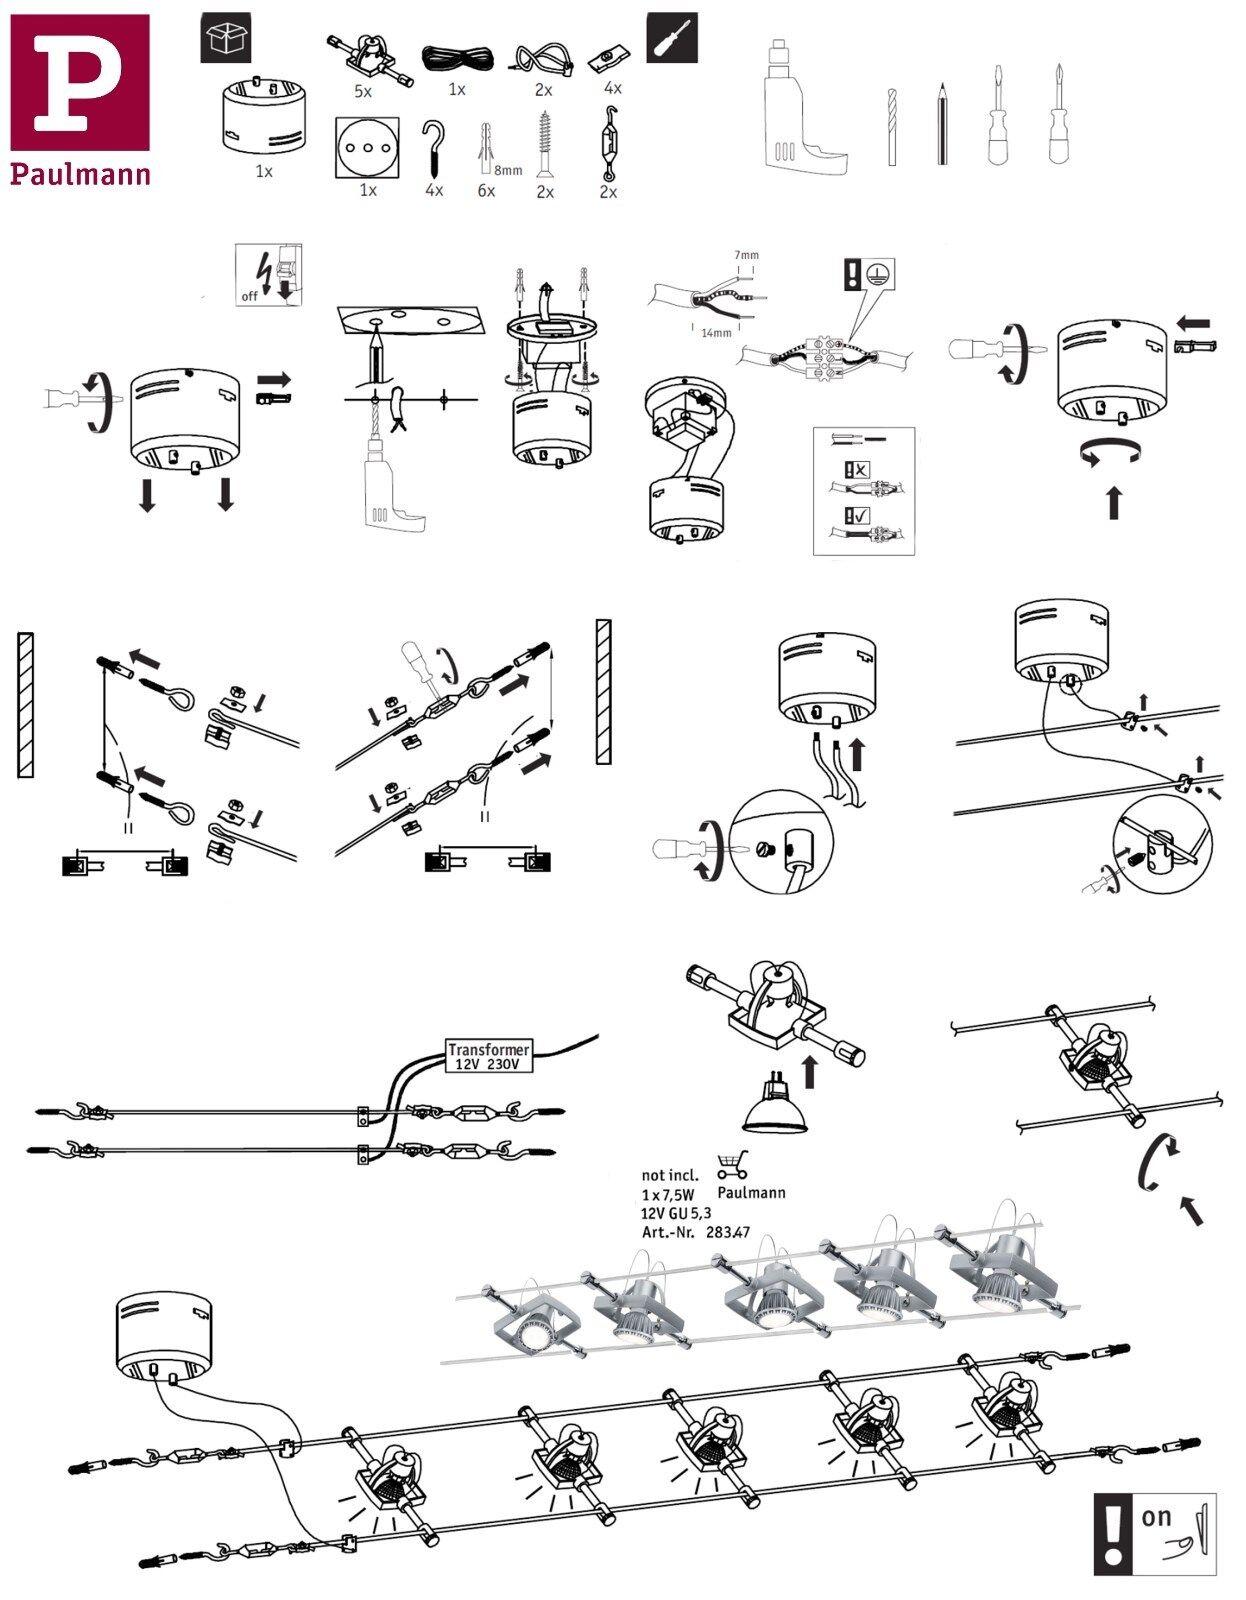 Paulmann LED Seilsysteme Mac Mac Mac II mit 7er,5er,1er Spots Chrom Matt Gu5,3 Dimmbar | Sonderkauf  |  d40f9d